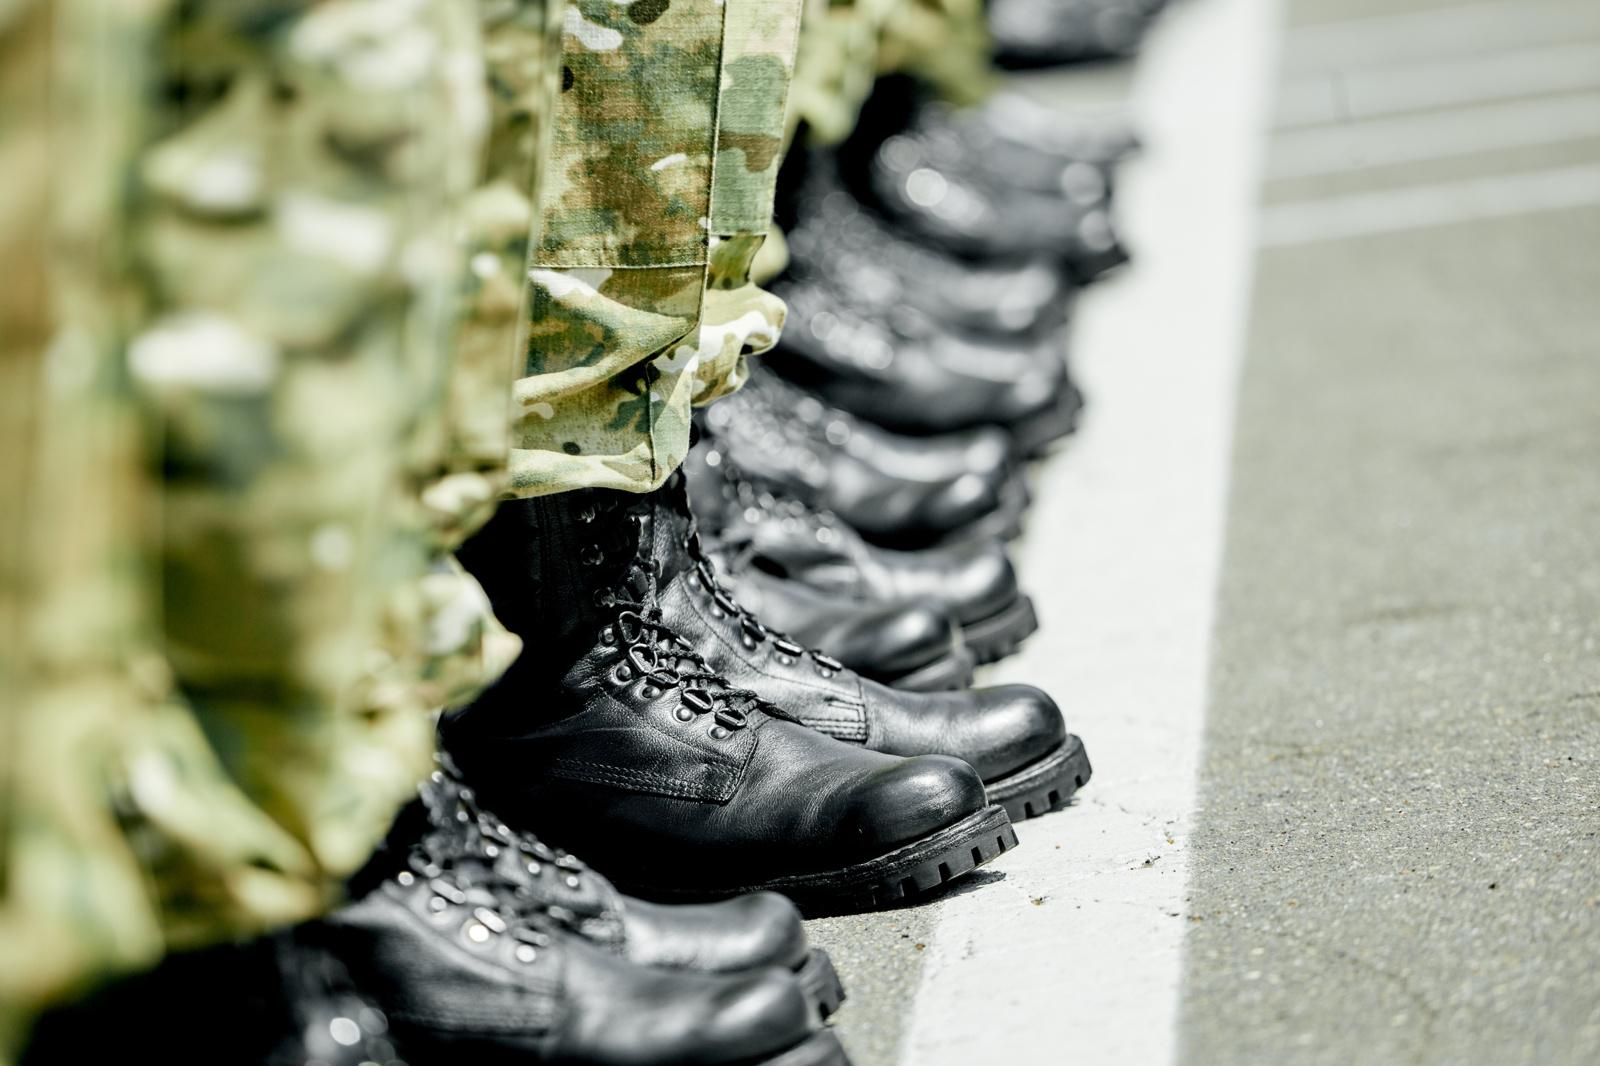 Vyriausybė siūlo didinti baudas už karo tarnybos vengimą